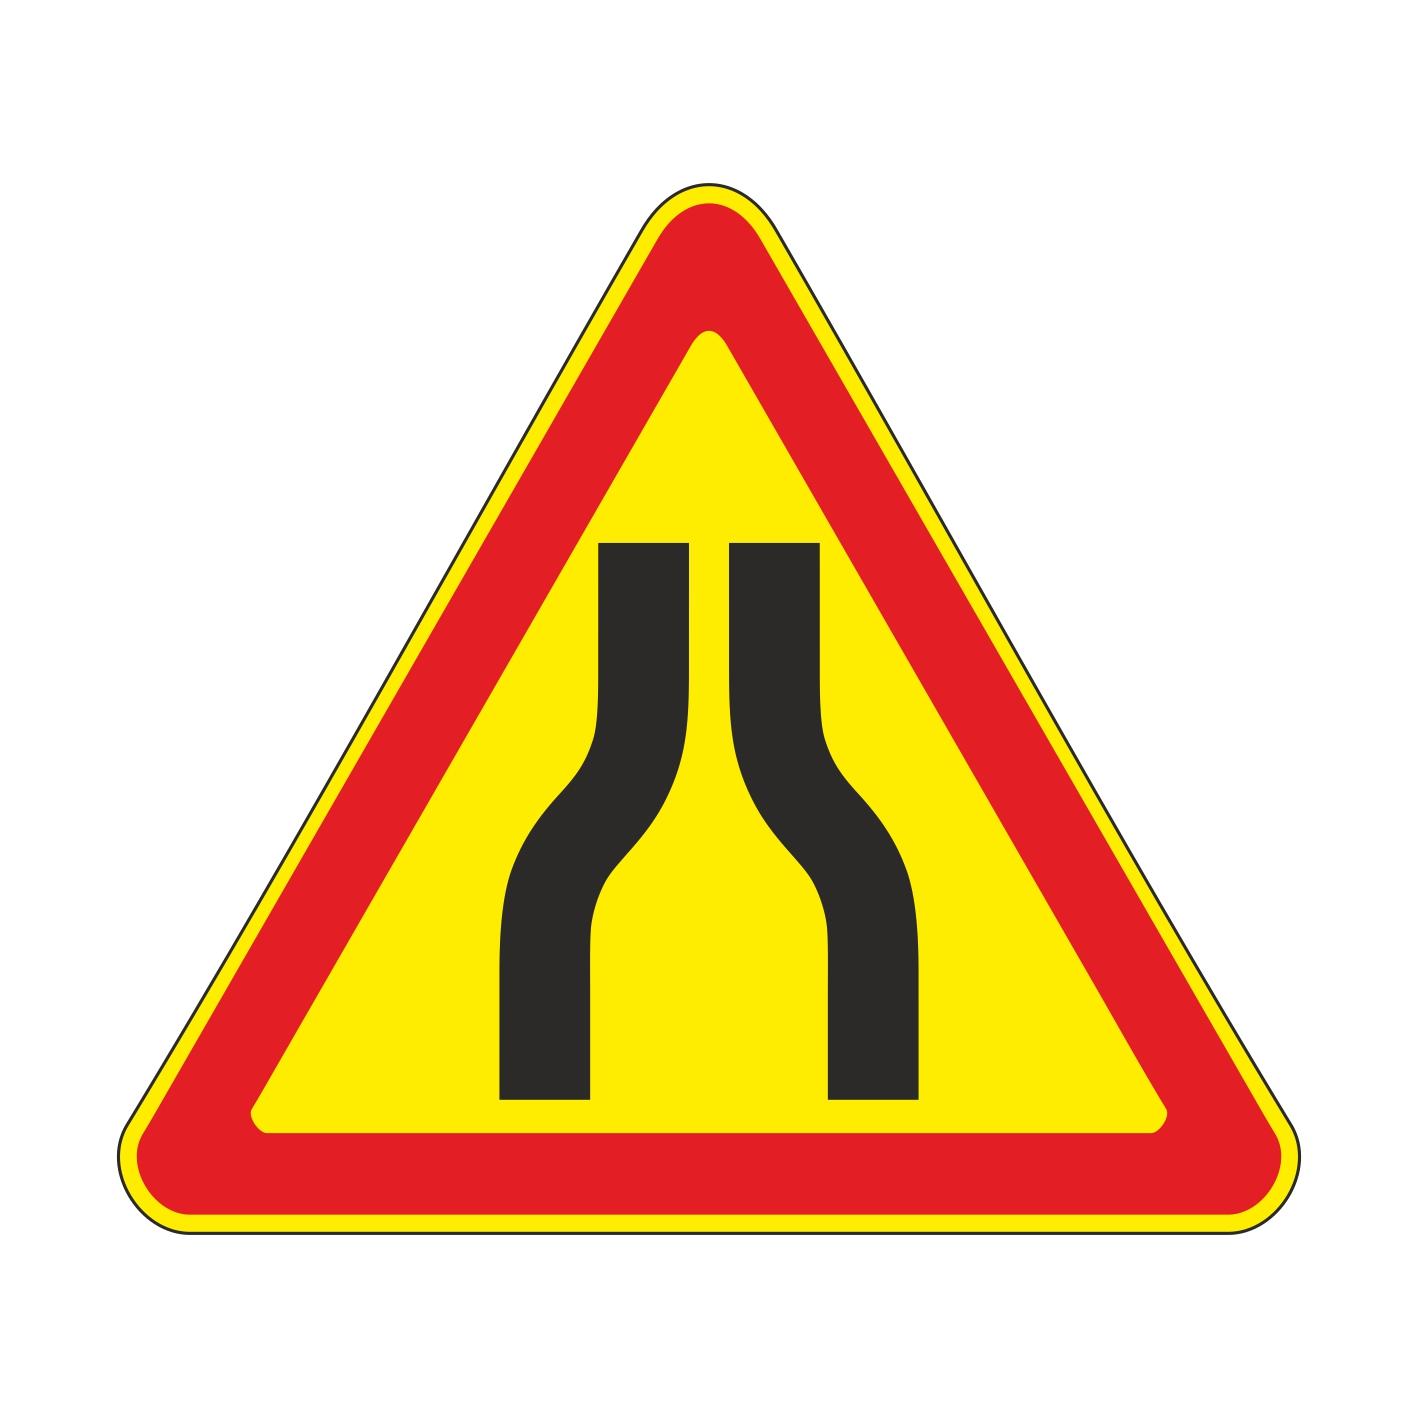 1.20.1 (временный) Сужение дороги [дорожный знак]